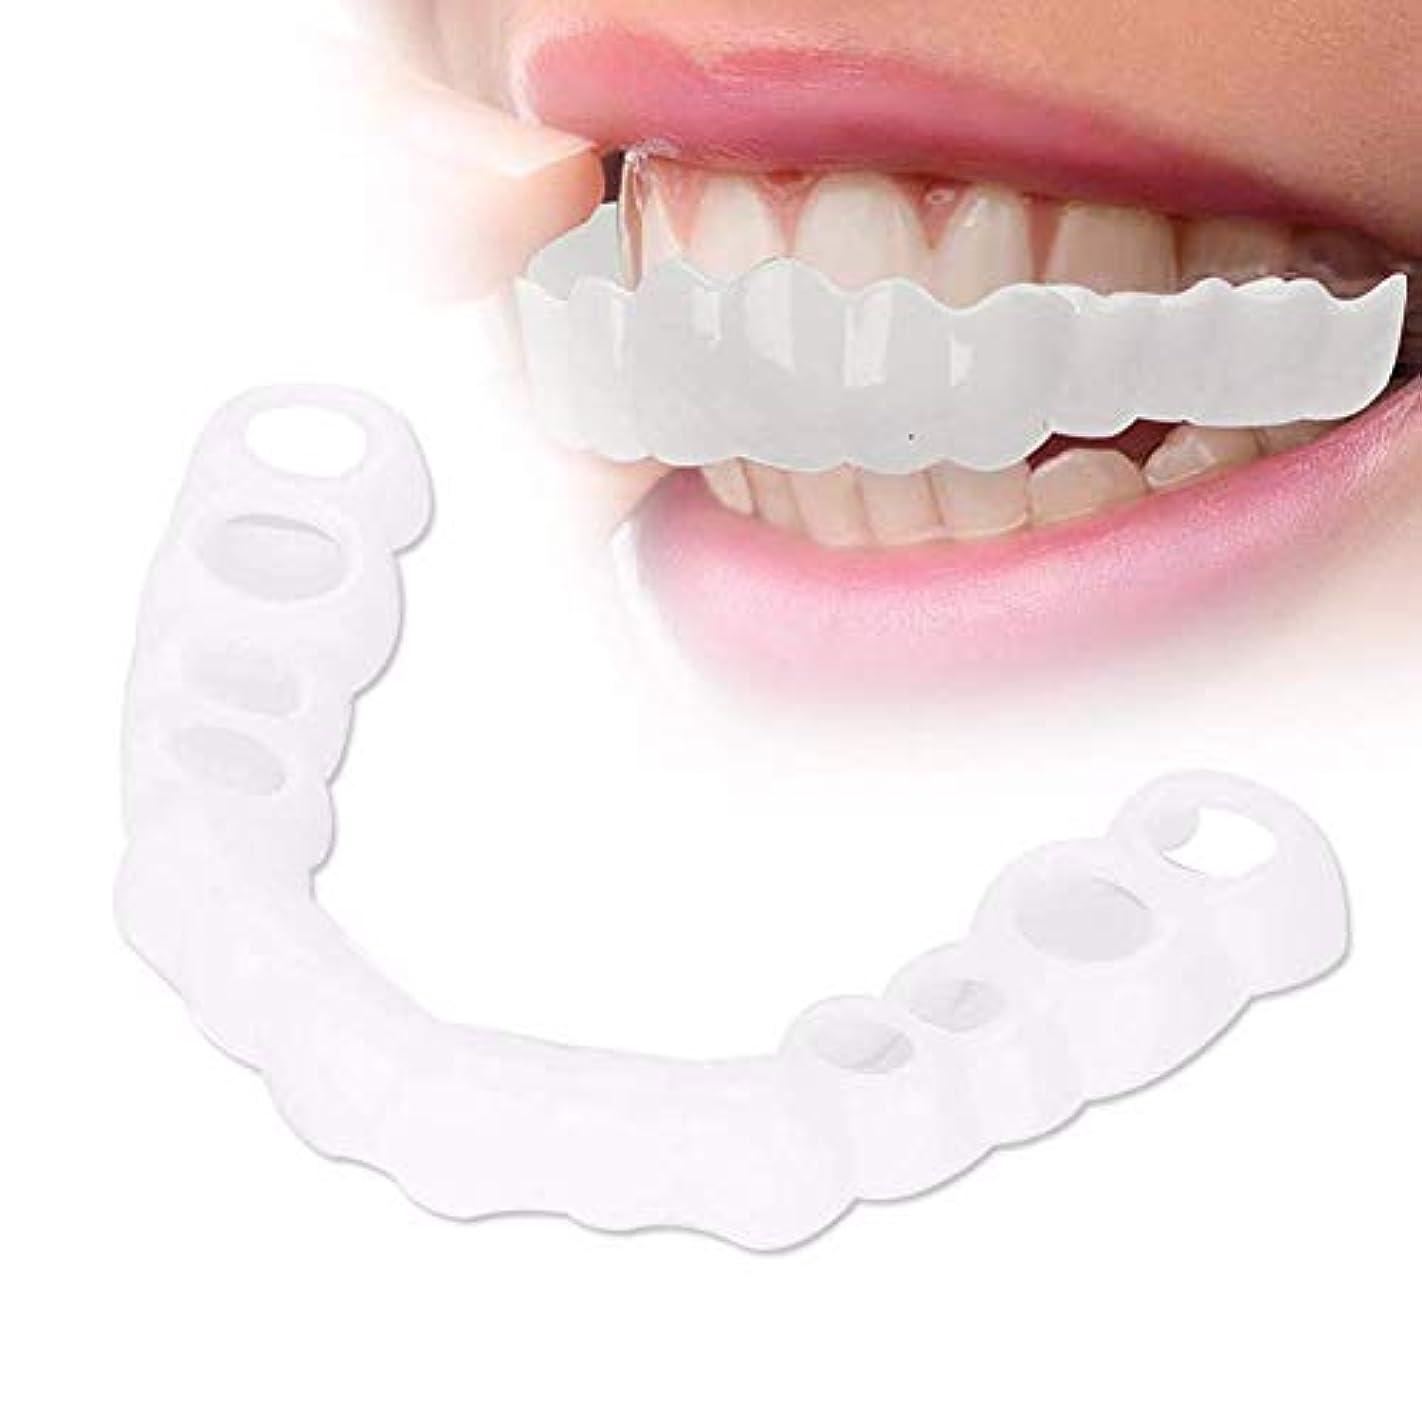 レキシコン橋脚不完全なパーフェクトスマイル入れ歯の10セット、シリコーンシミュレーション、上の歯、ホワイトニング入れ歯